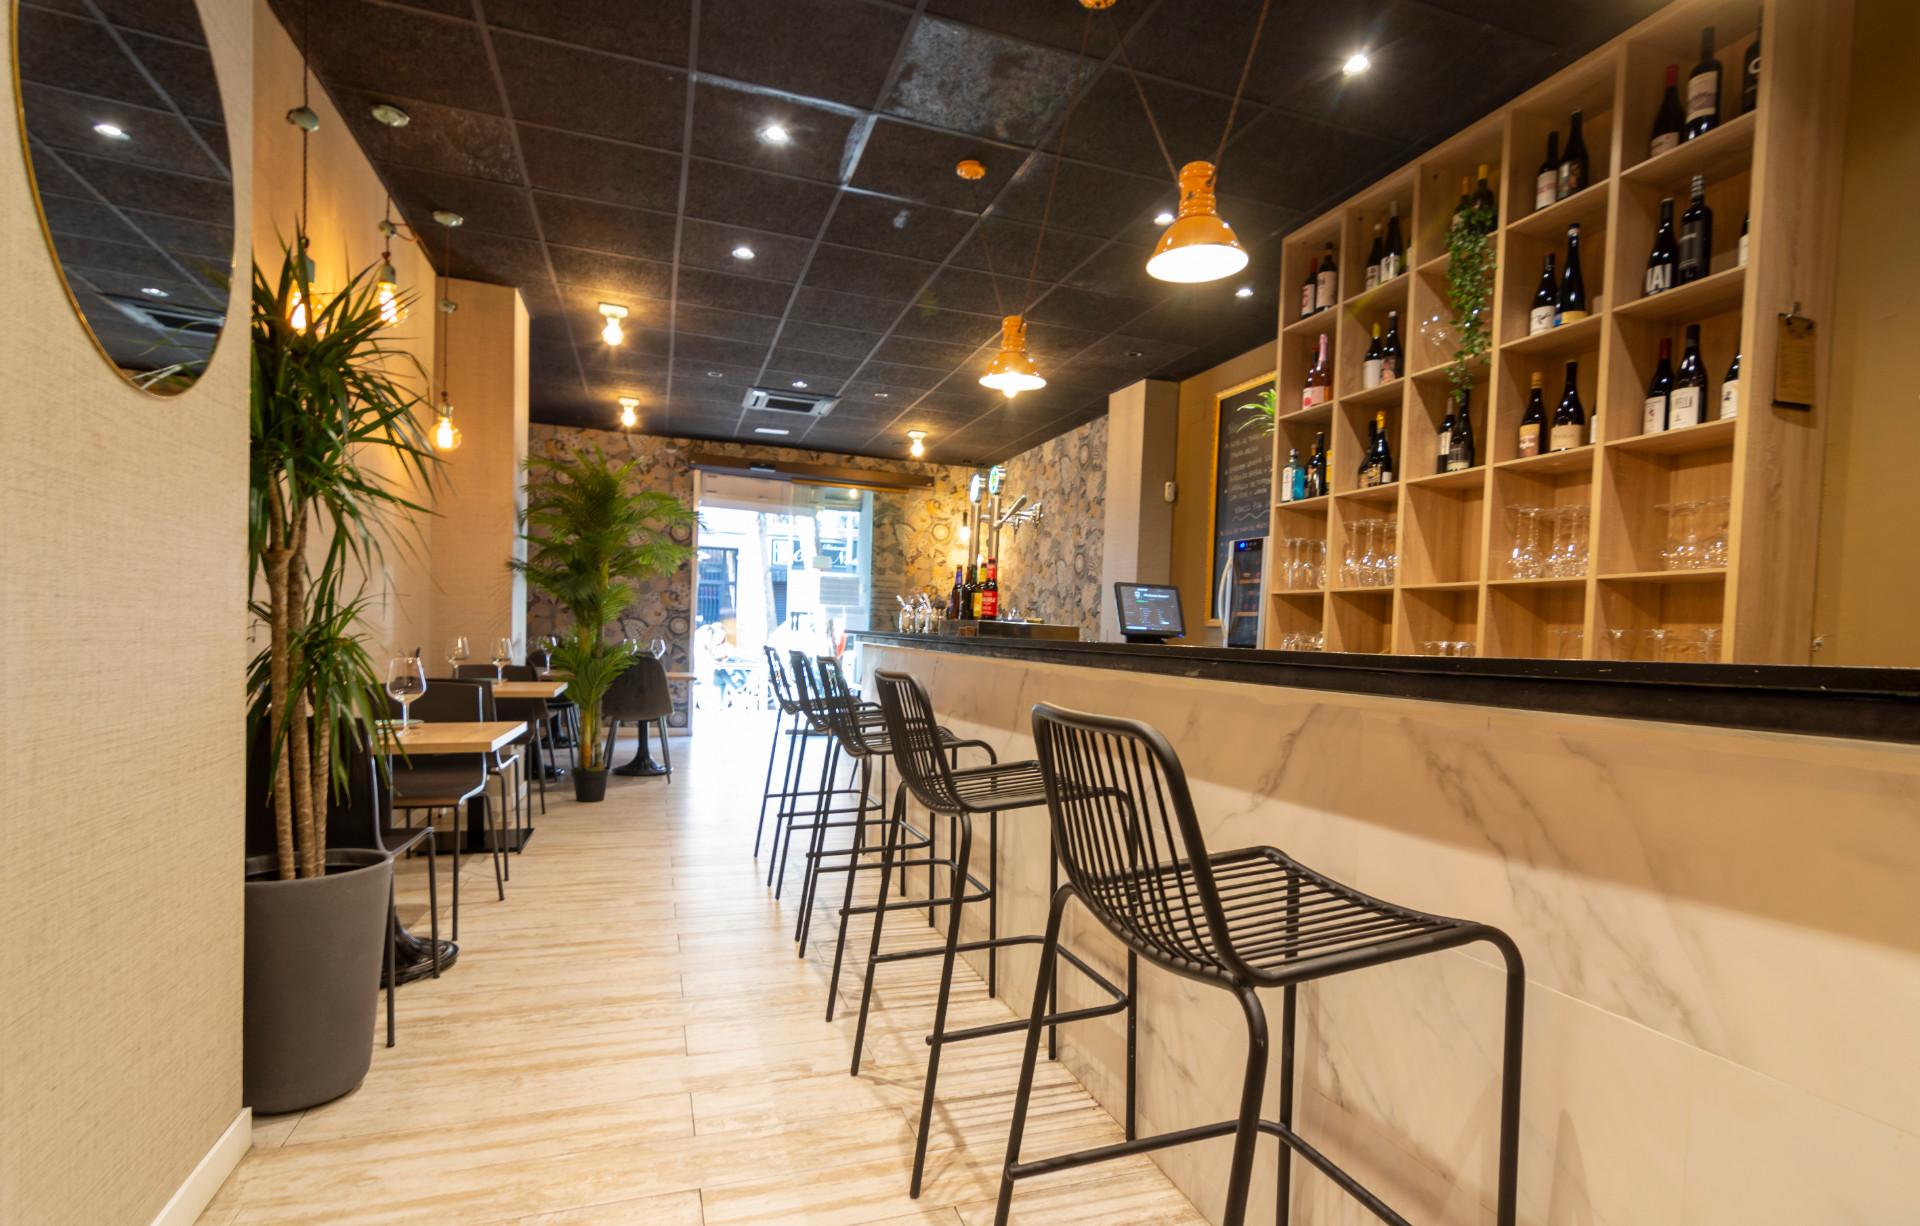 proyectos-interiorismo-interioristas-locales-comerciales-gastronomia-vinotecas-enotecas-restaurantes-bares-vinomio-gastrowine-valencia-5